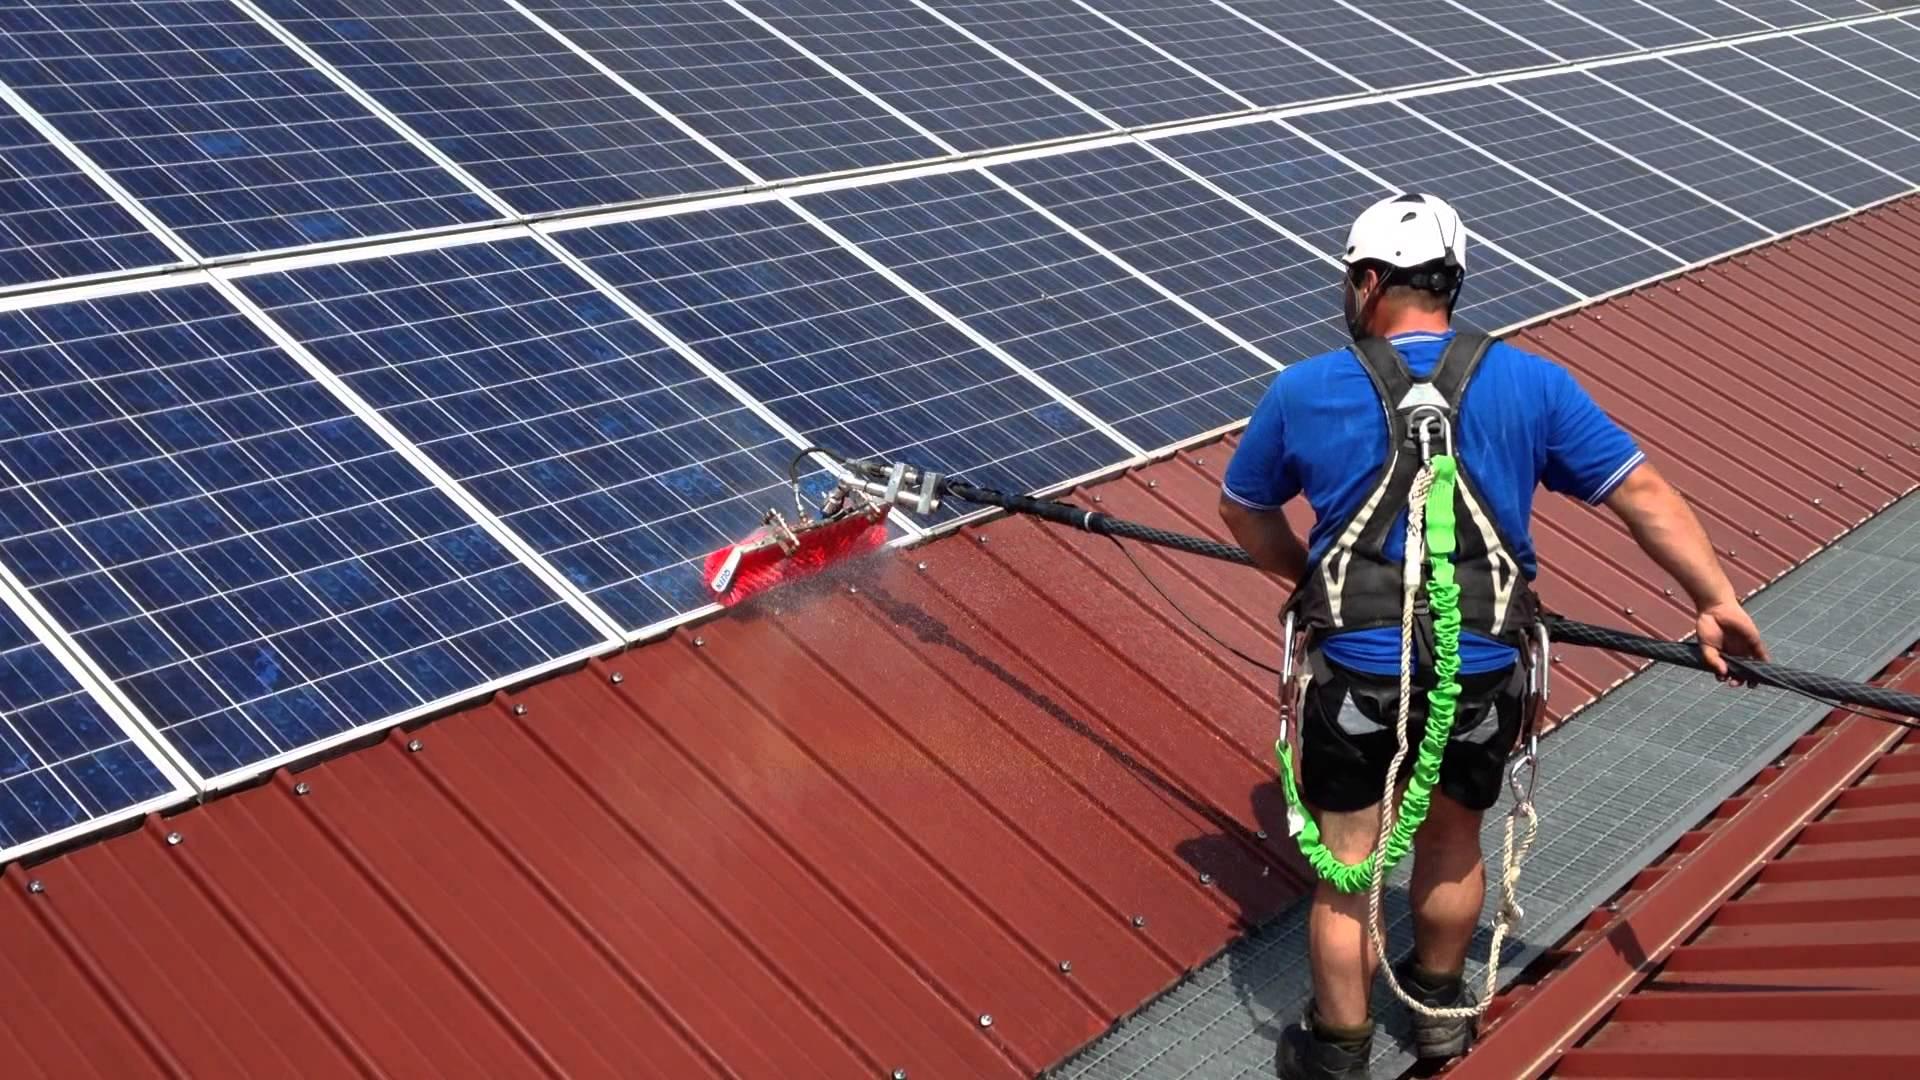 Consigli utili per la pulizia dei pannelli fotovoltaici